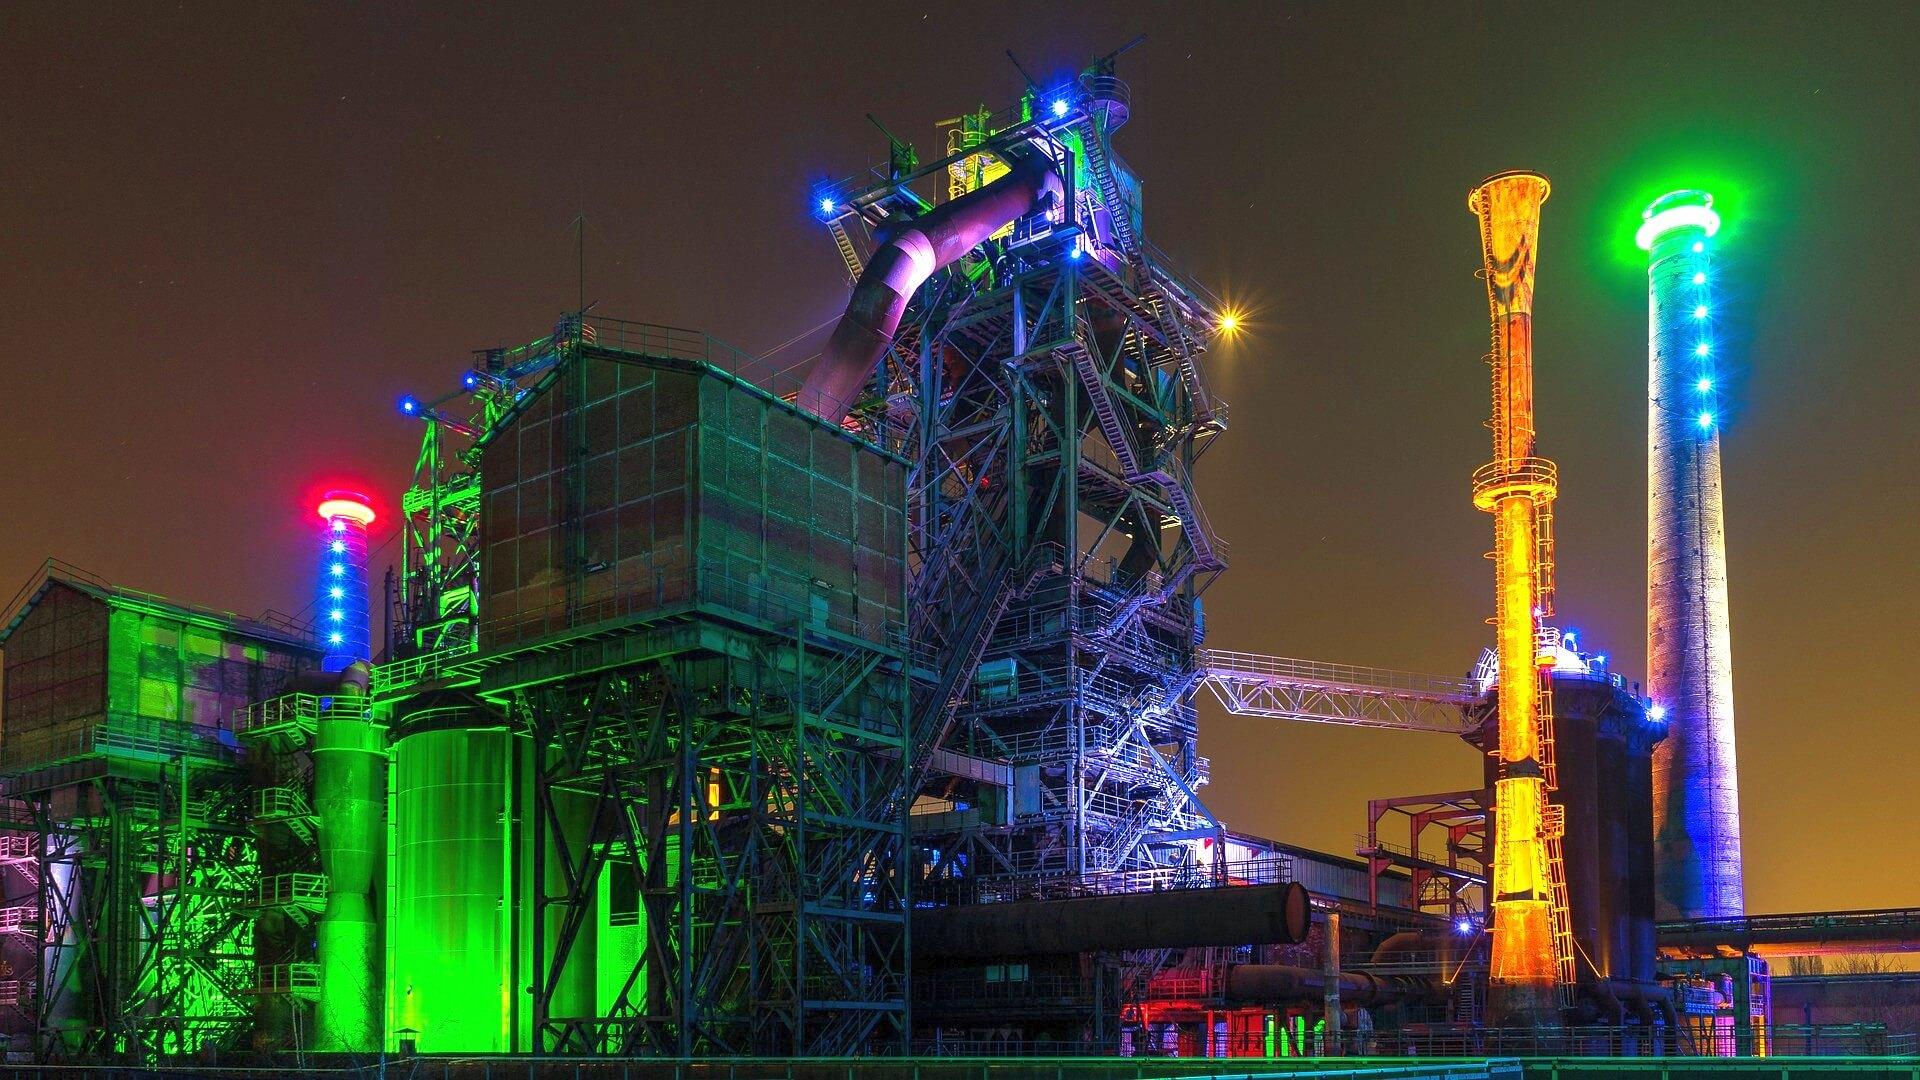 Jobs-Stellenangebote-Duisburg-Landschaftspark-Nord-Nacht-Illuminiert-Industrie-1